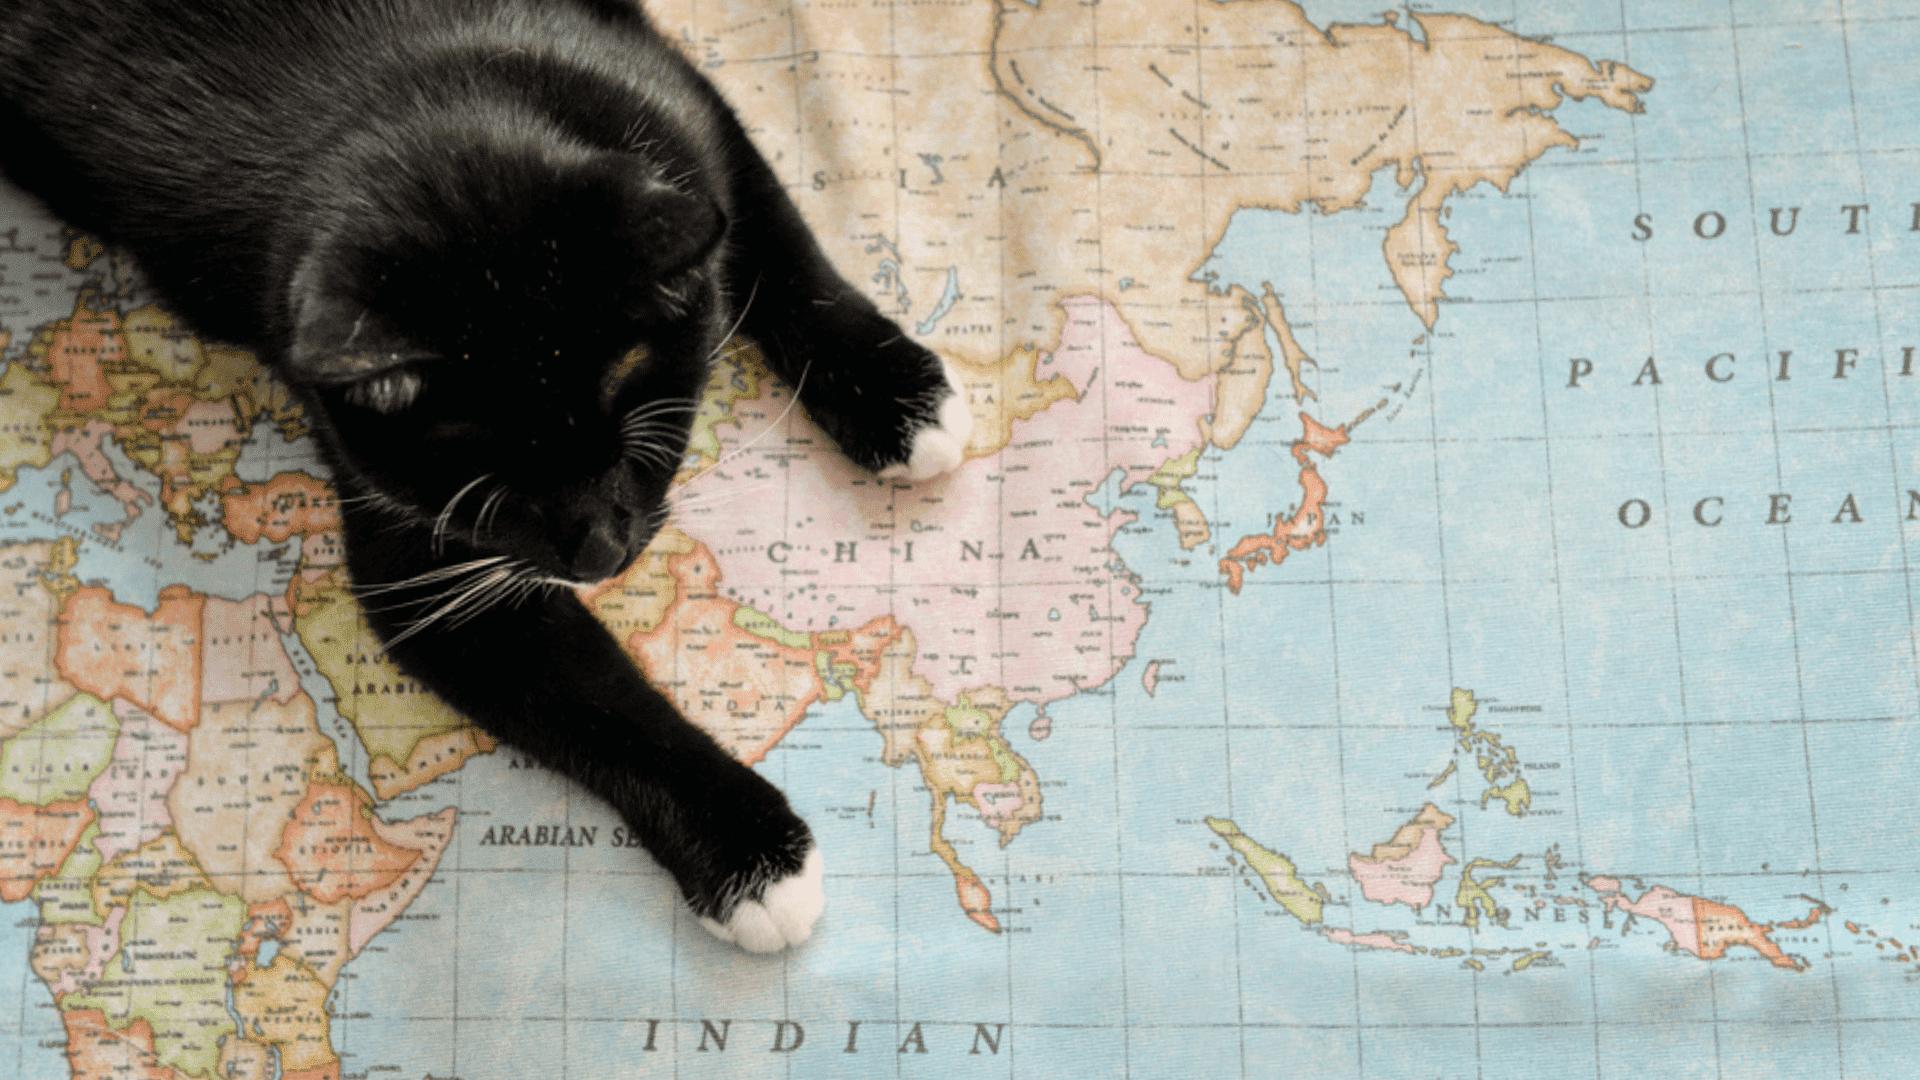 Confira as dicas que separamos com tudo o que você precisa saber para viajar com o seu gato! (Reprodução/Shutterstock)